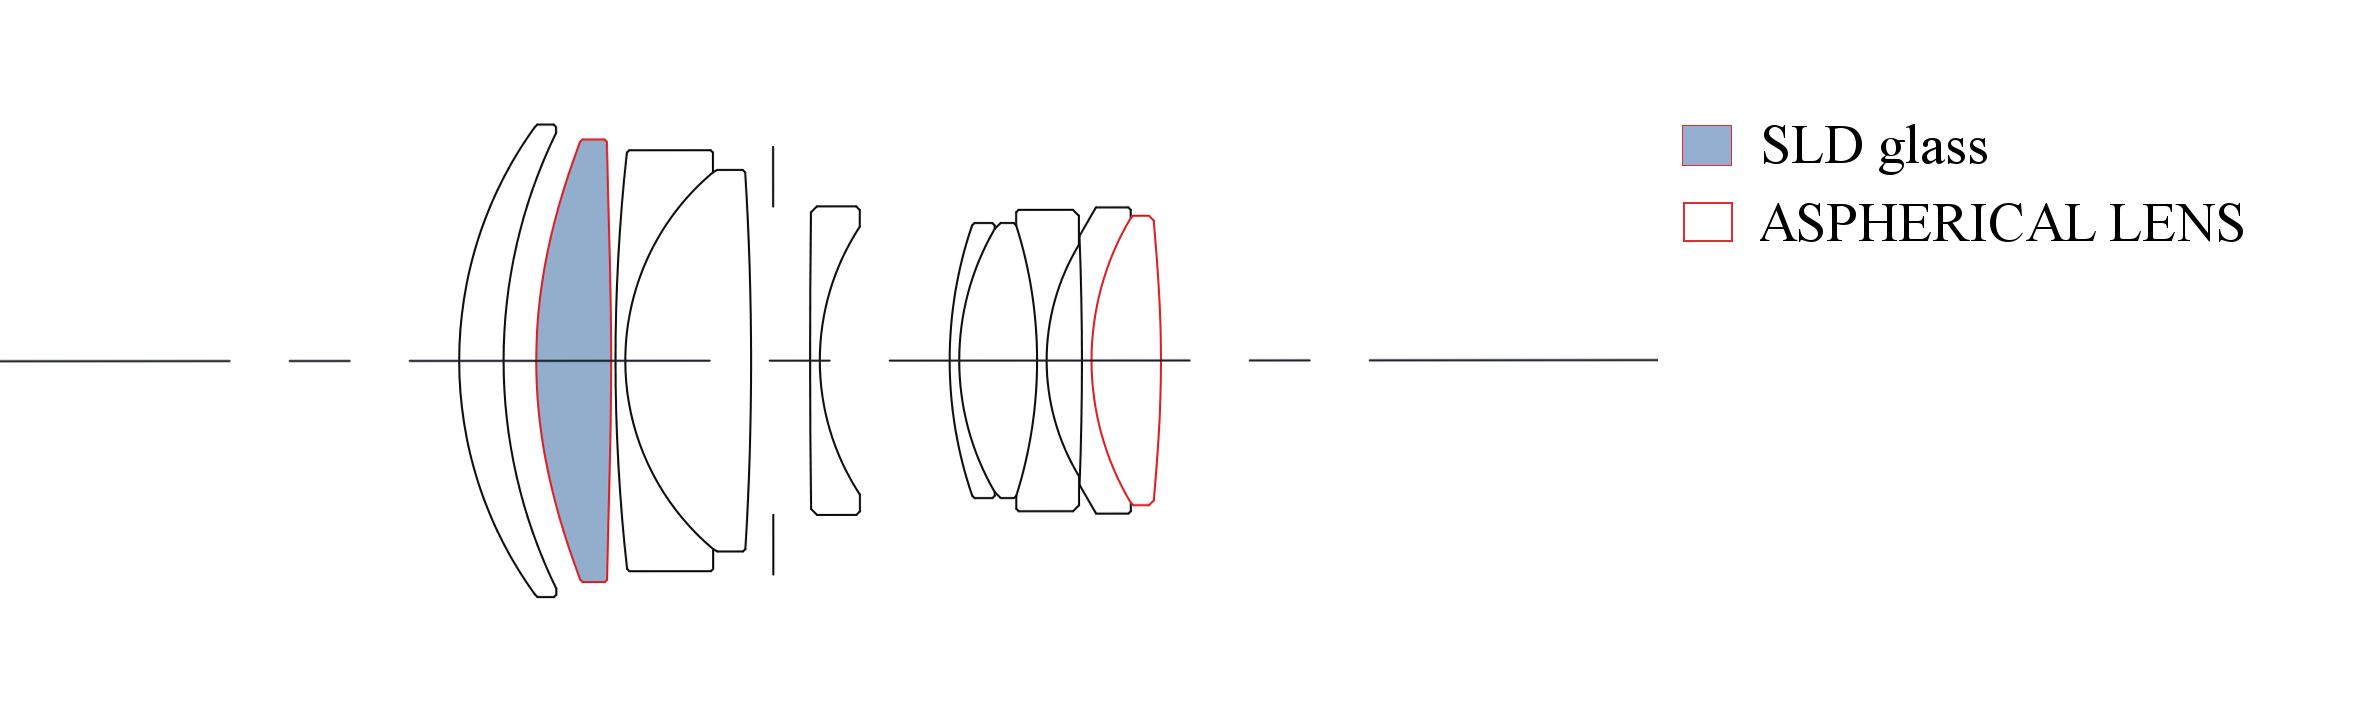 Sigma podwójny element asferyczny o średnicy 80 mm